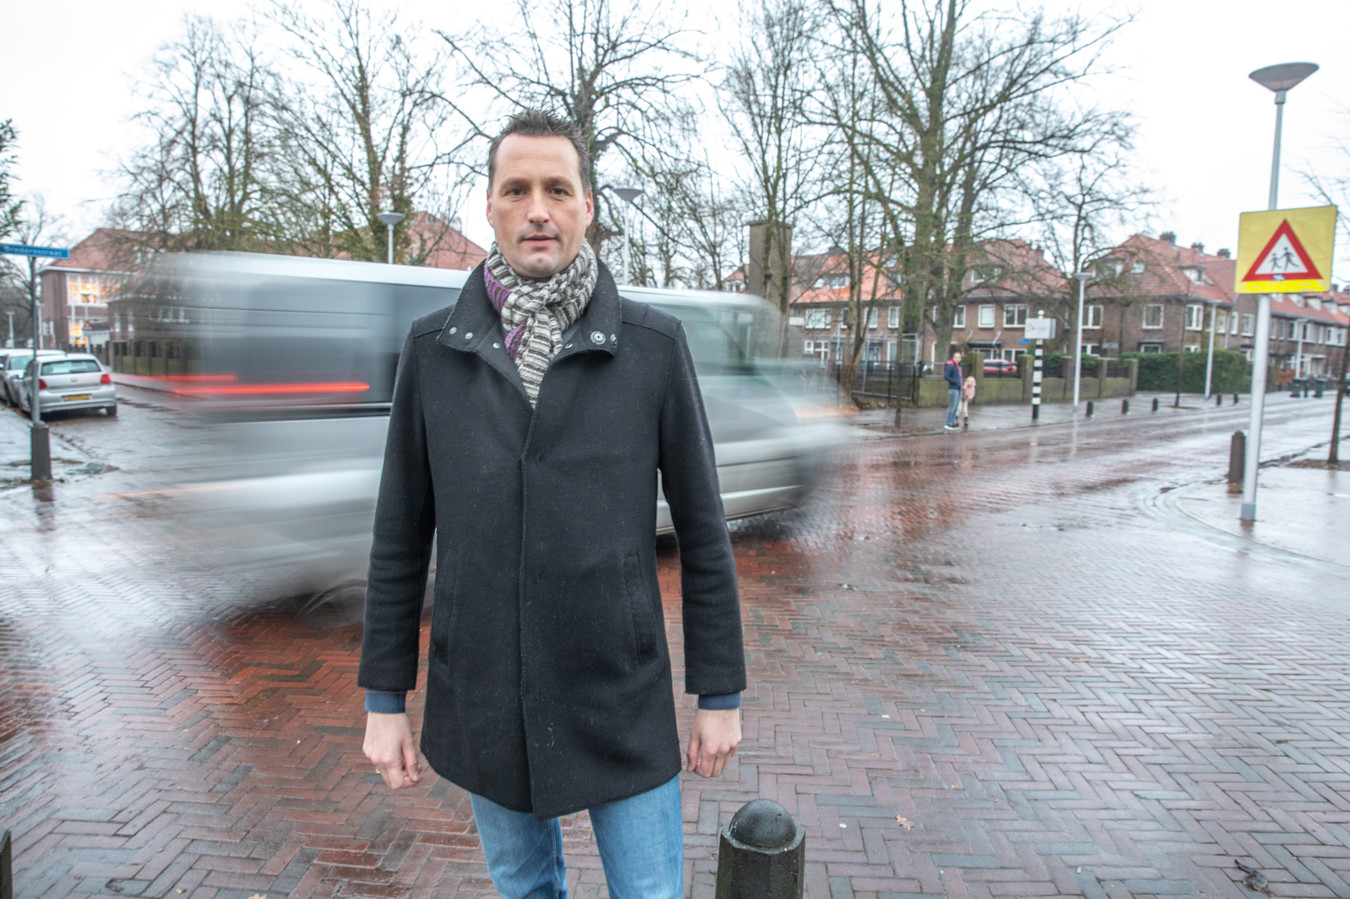 Job Hessel uit Zwolle meldde dit punt aan als onveilige kruising. Er wordt te hard gereden ondanks dat het 30-kilometerzone is en er scholen staan.